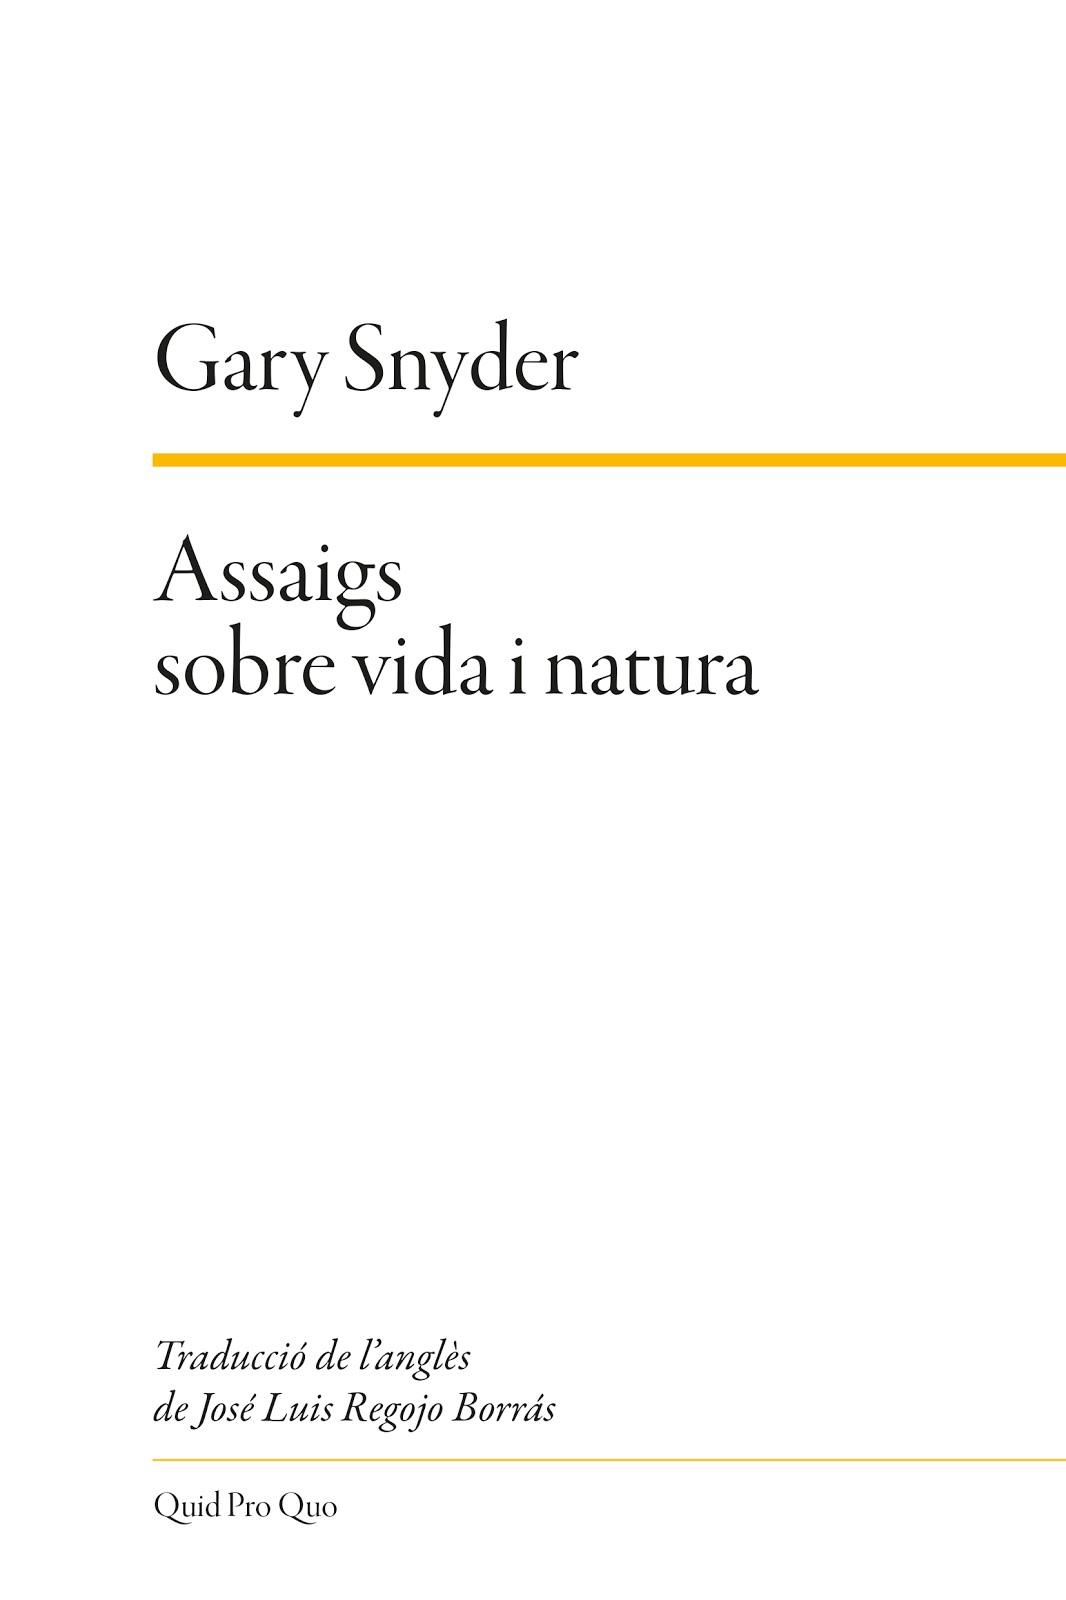 Assaigs sobre vida i natura. 2019